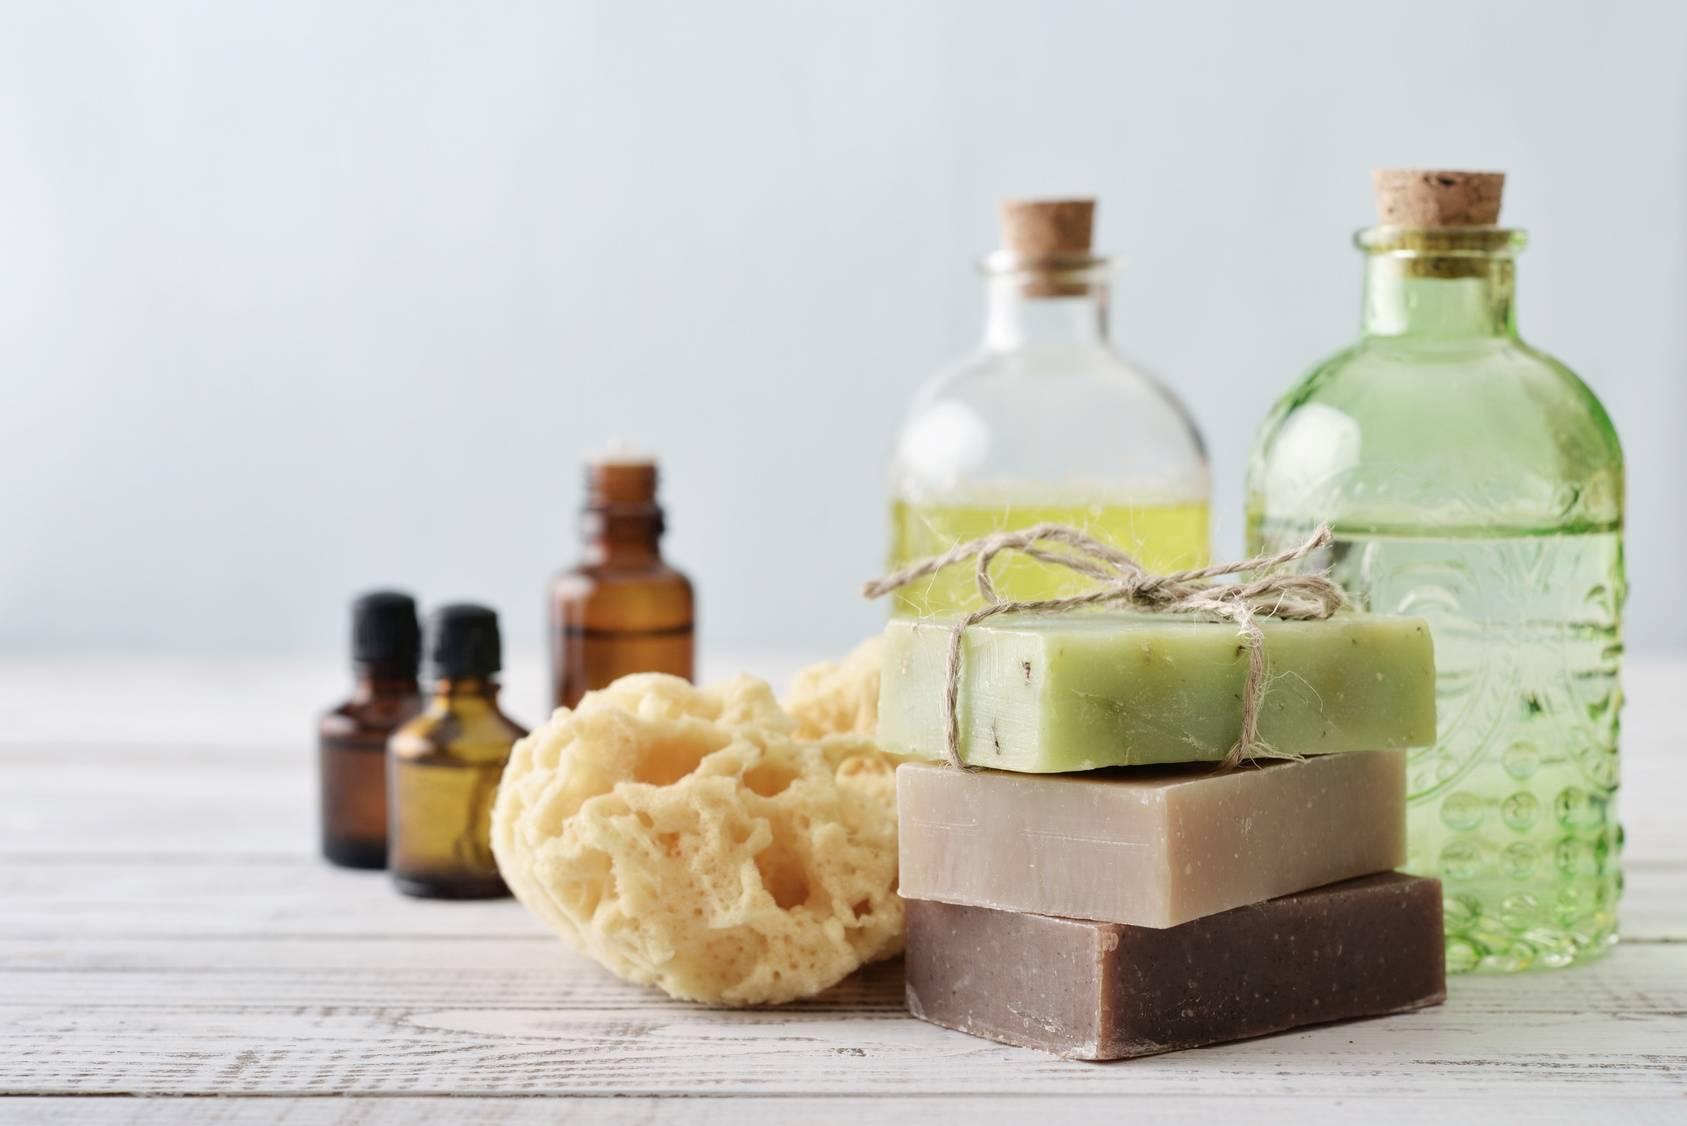 Zestaw mydeł naturalnych i olejków do pielęgnacji.